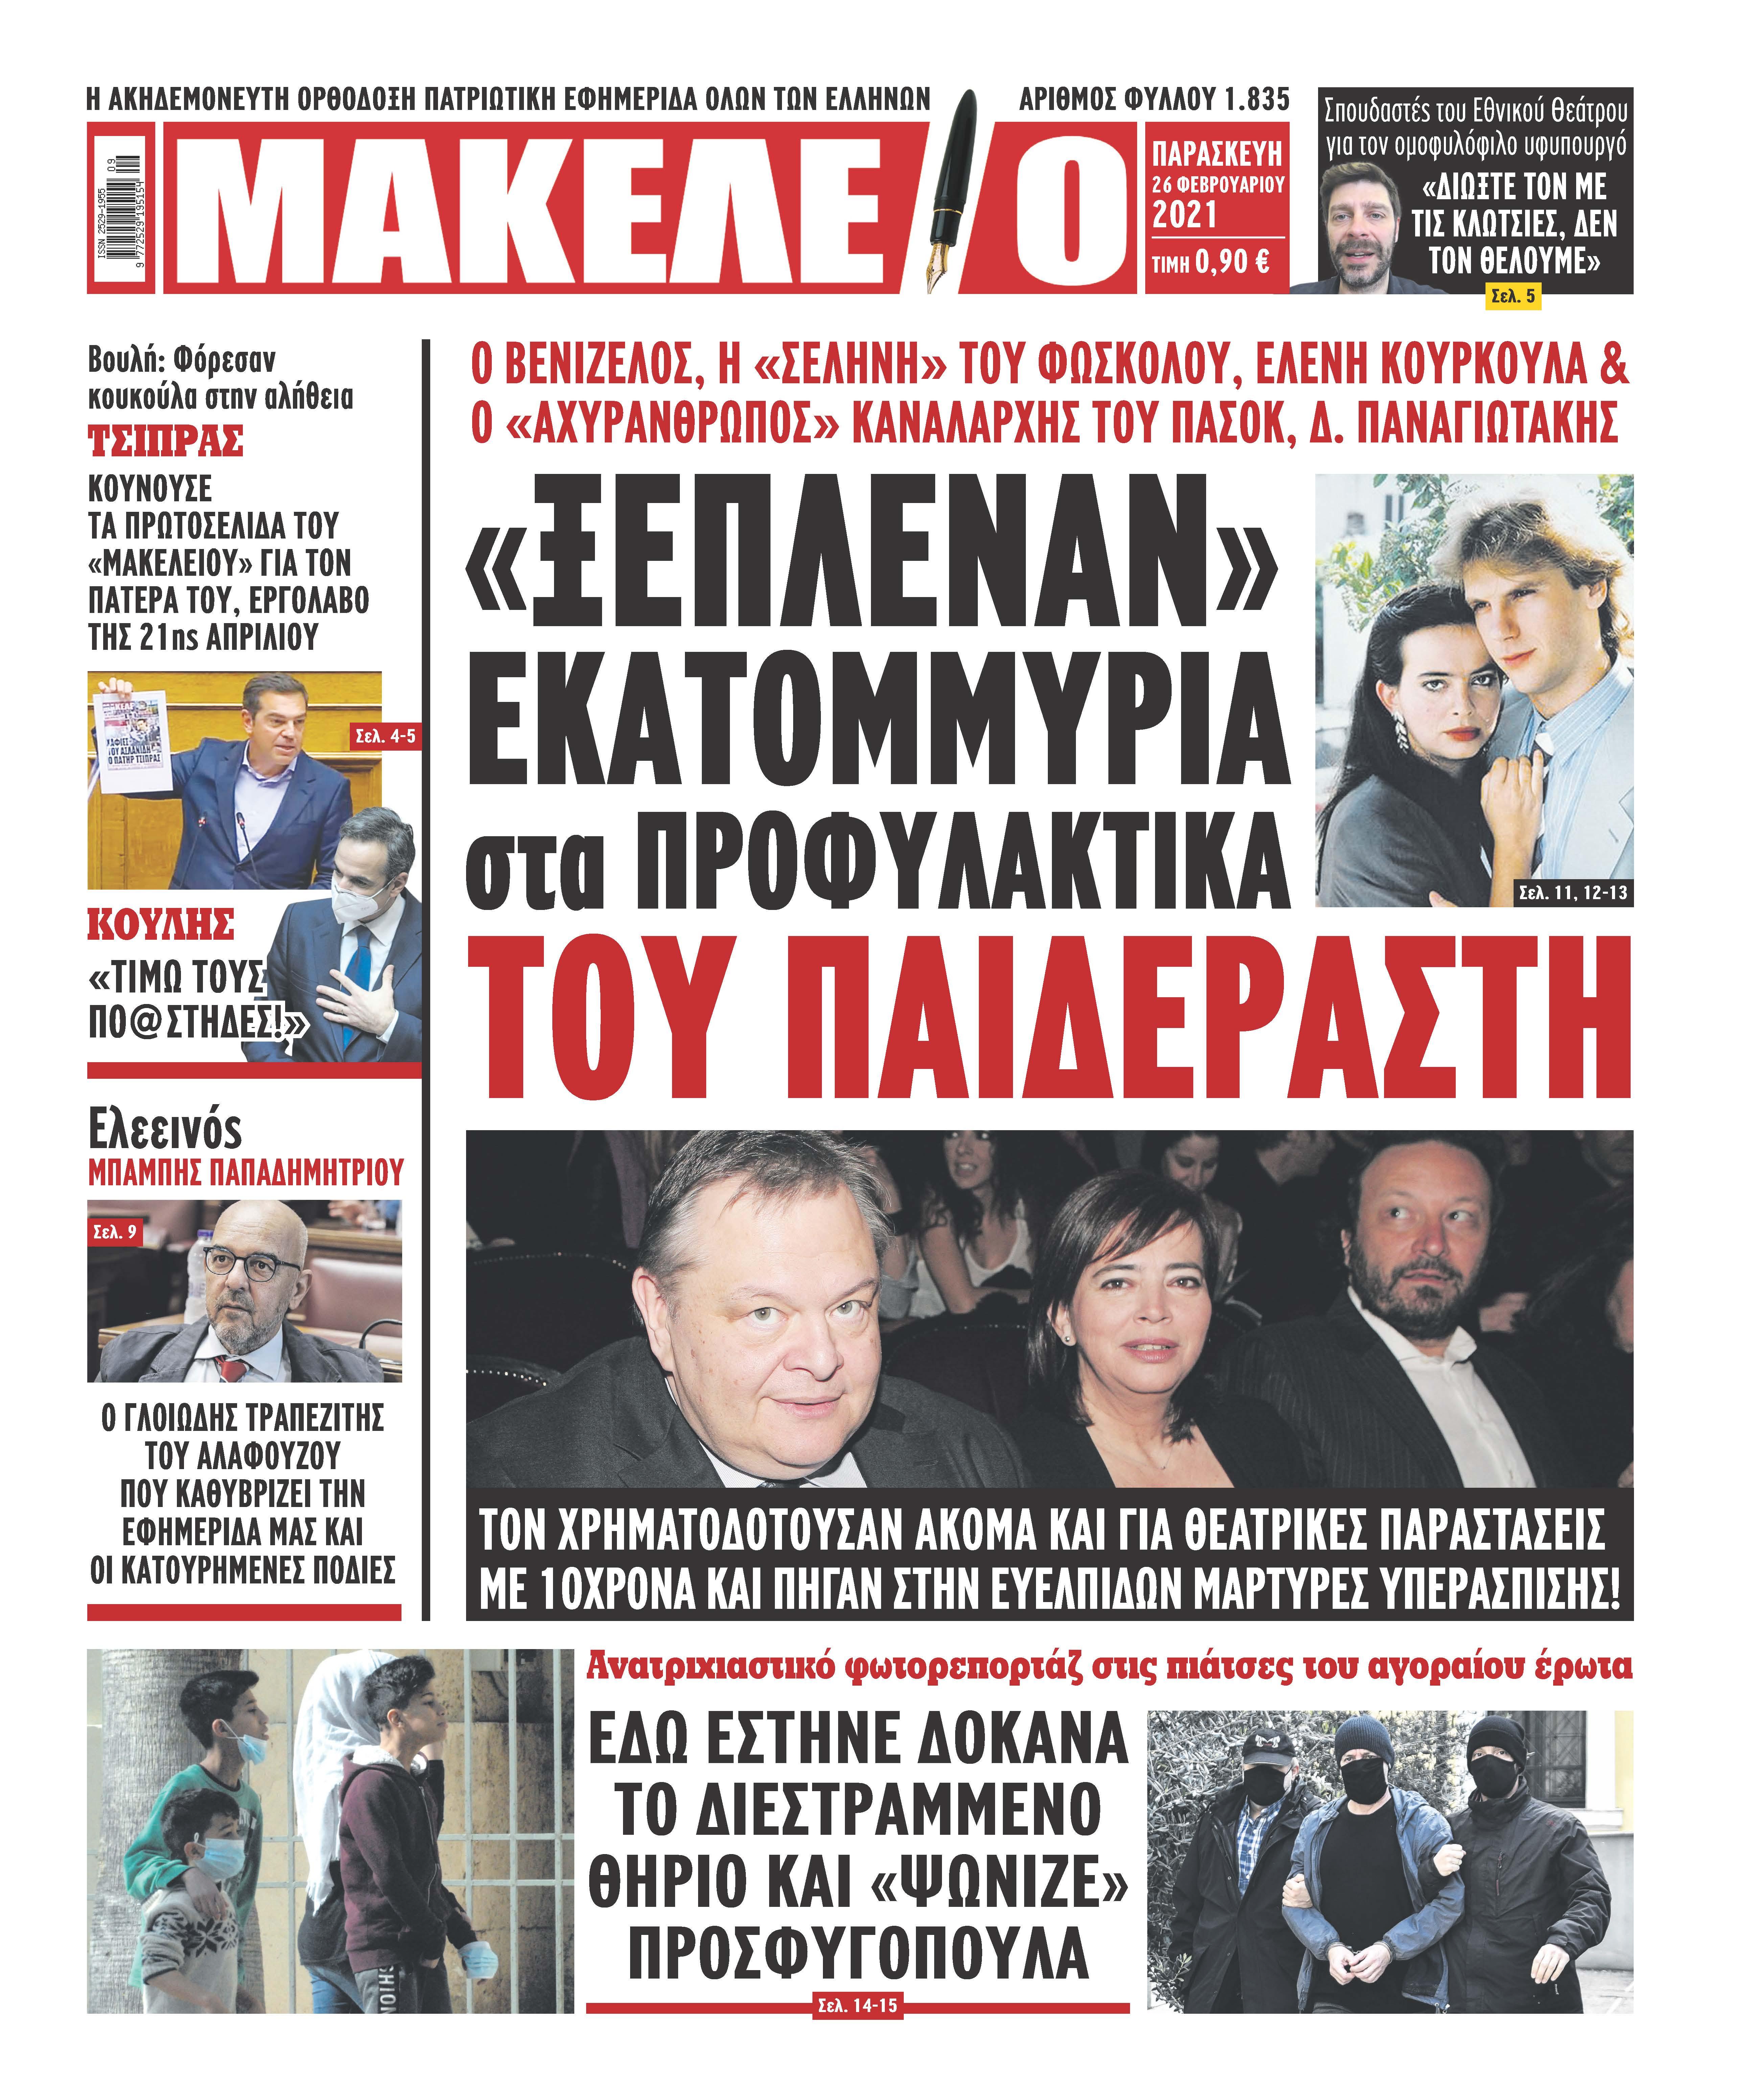 makeleio 01 26-02-2021 (2)